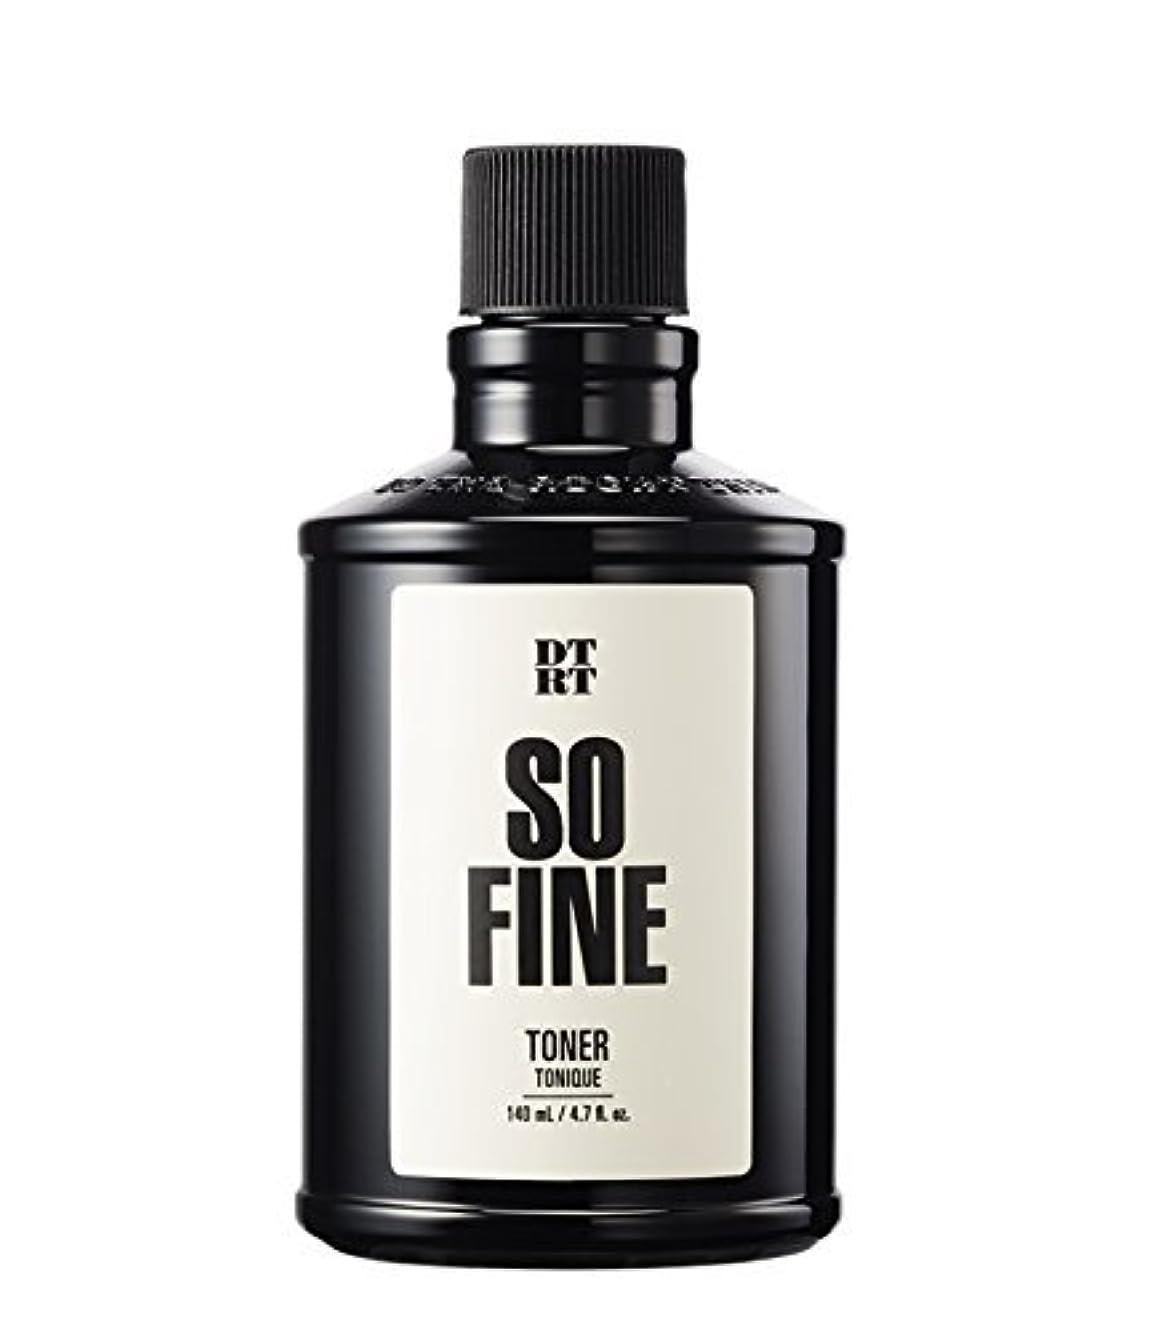 見ました緯度ヘッドレスDTRT トナーソファイン140ml For men / DTRT So Fine Toner / Korea Cosmetic